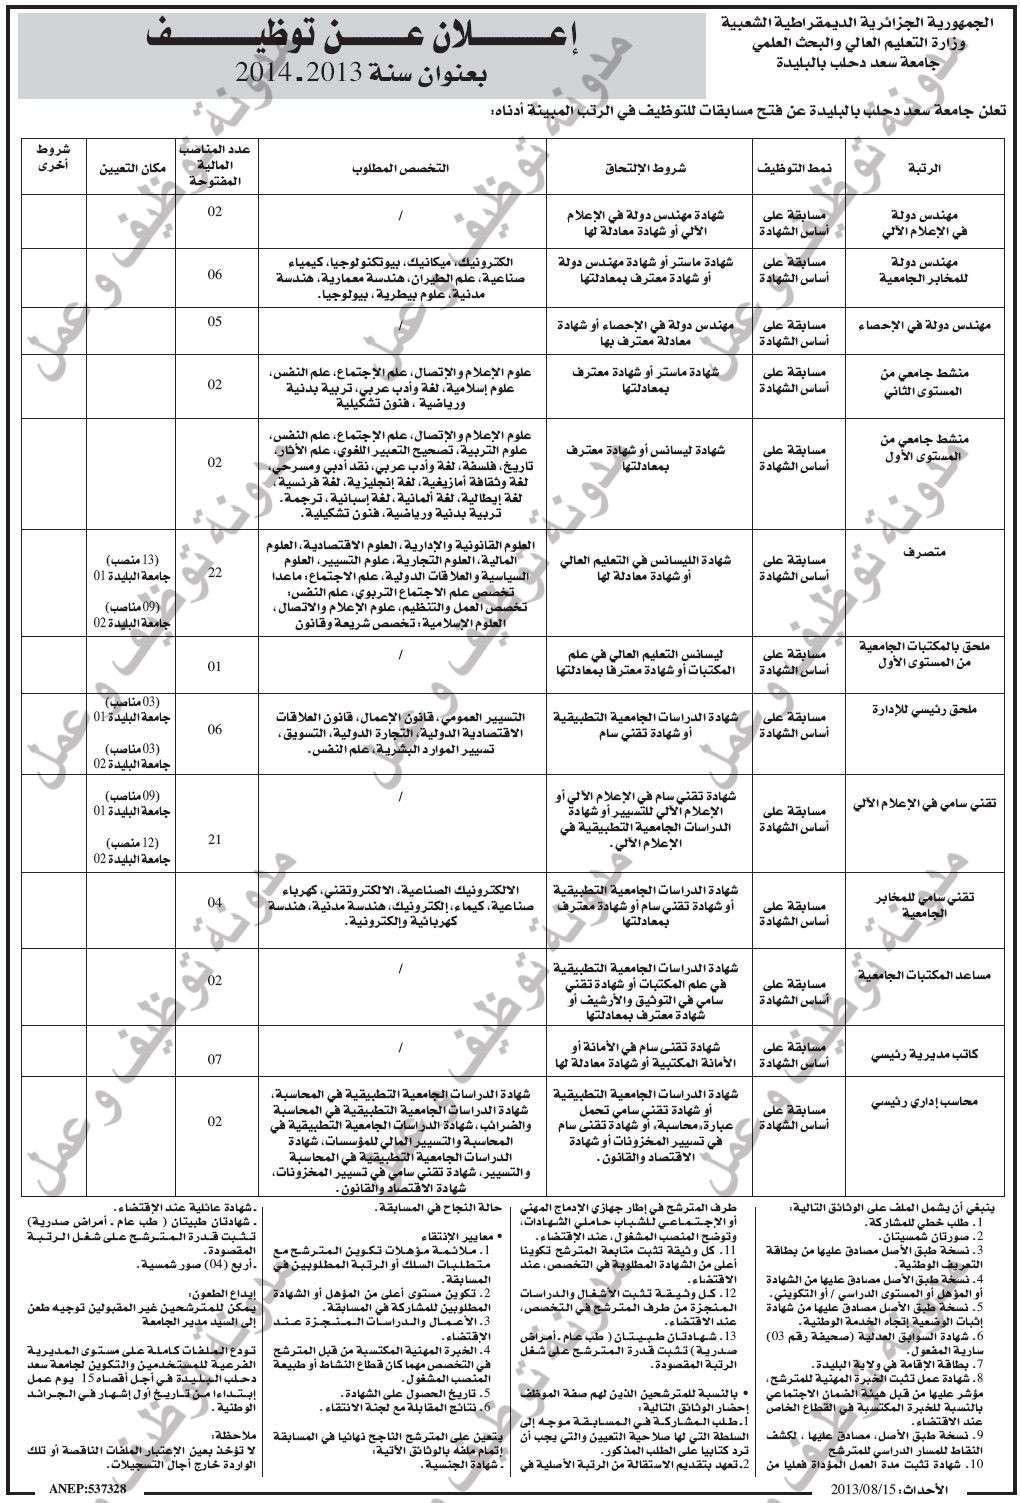 اعلان مسابقة توظيف الأسلاك المشتركة في جامعة سعد دحلب بالبليدة أوت 2013 00110.jpg